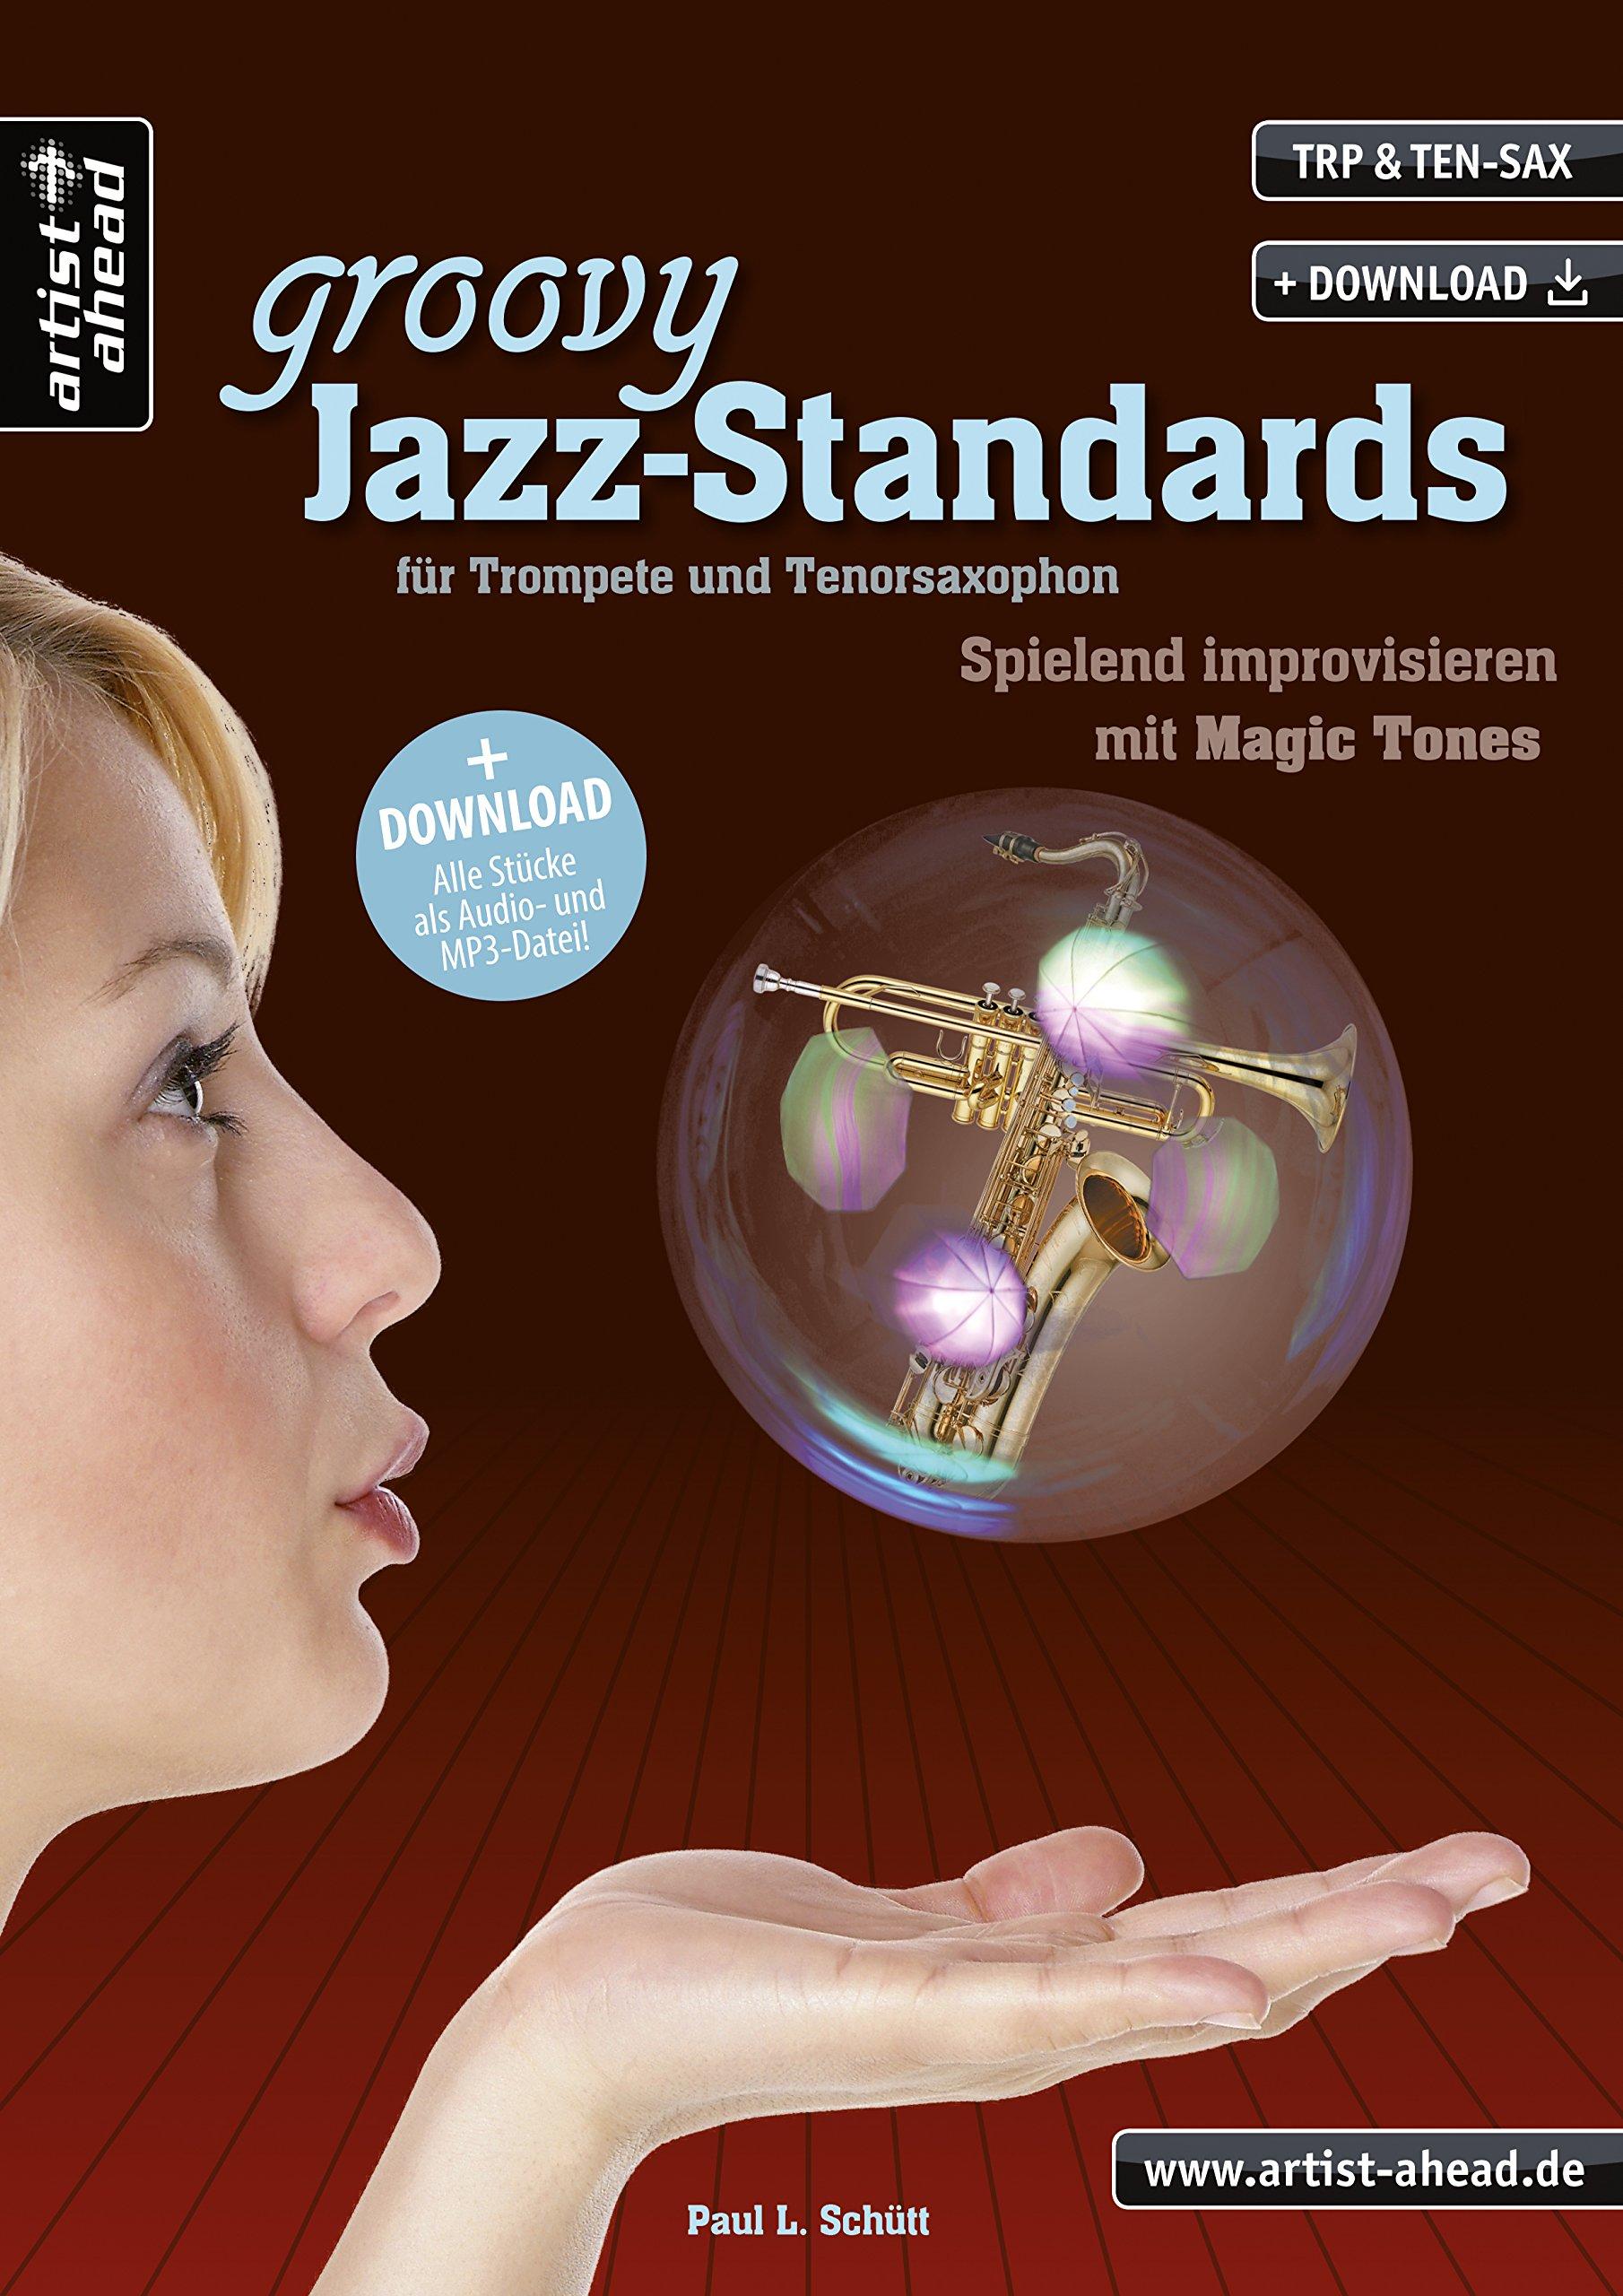 groovy-jazz-standards-fr-trompete-und-tenorsaxophon-spielend-improvisieren-mit-magic-tones-inkl-download-lehrbuch-spielbuch-musiknoten